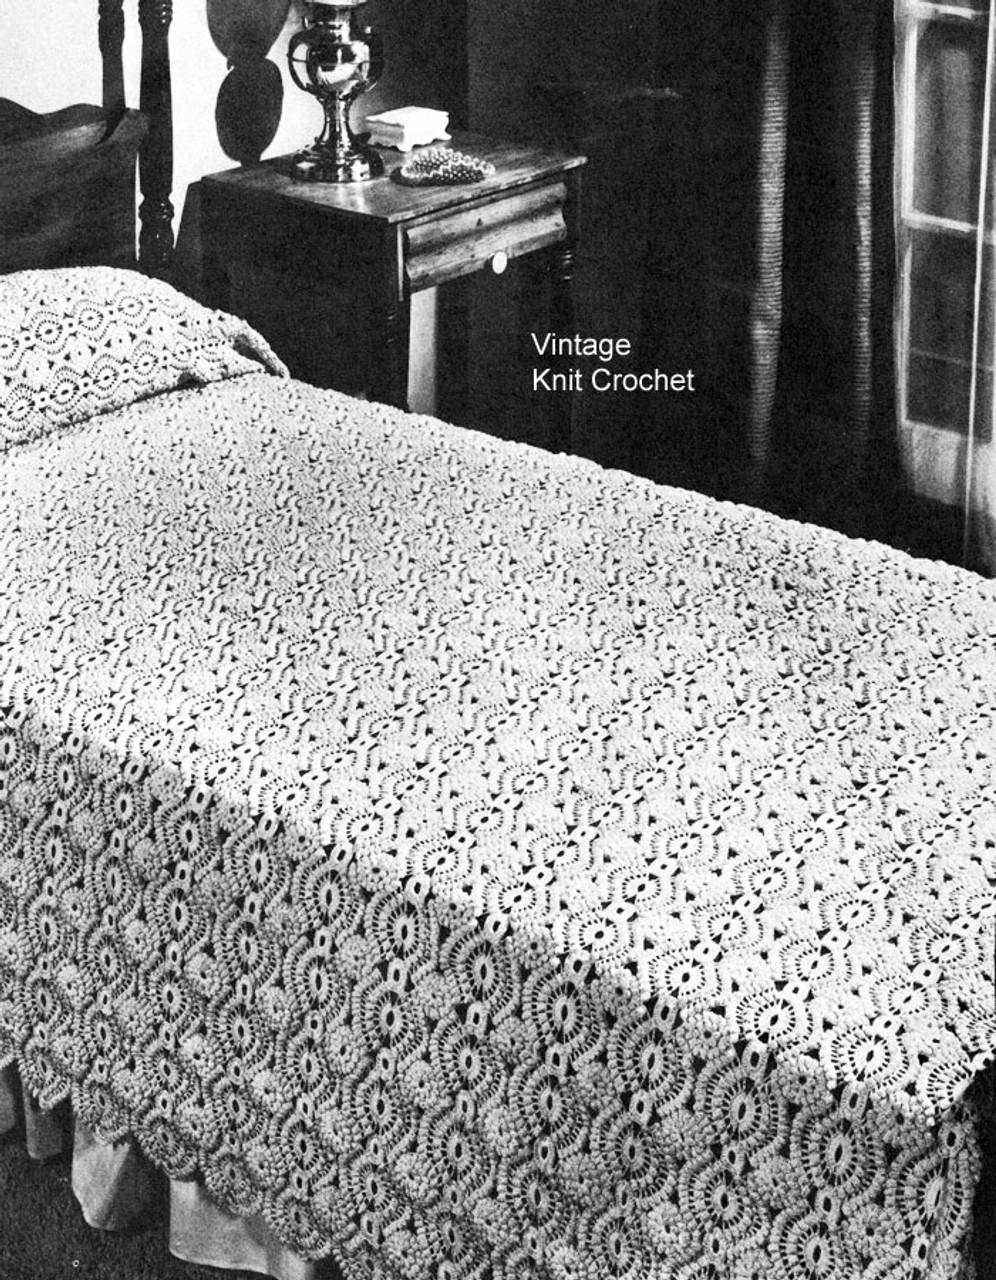 Crochet Bedspread Pattern No 6124